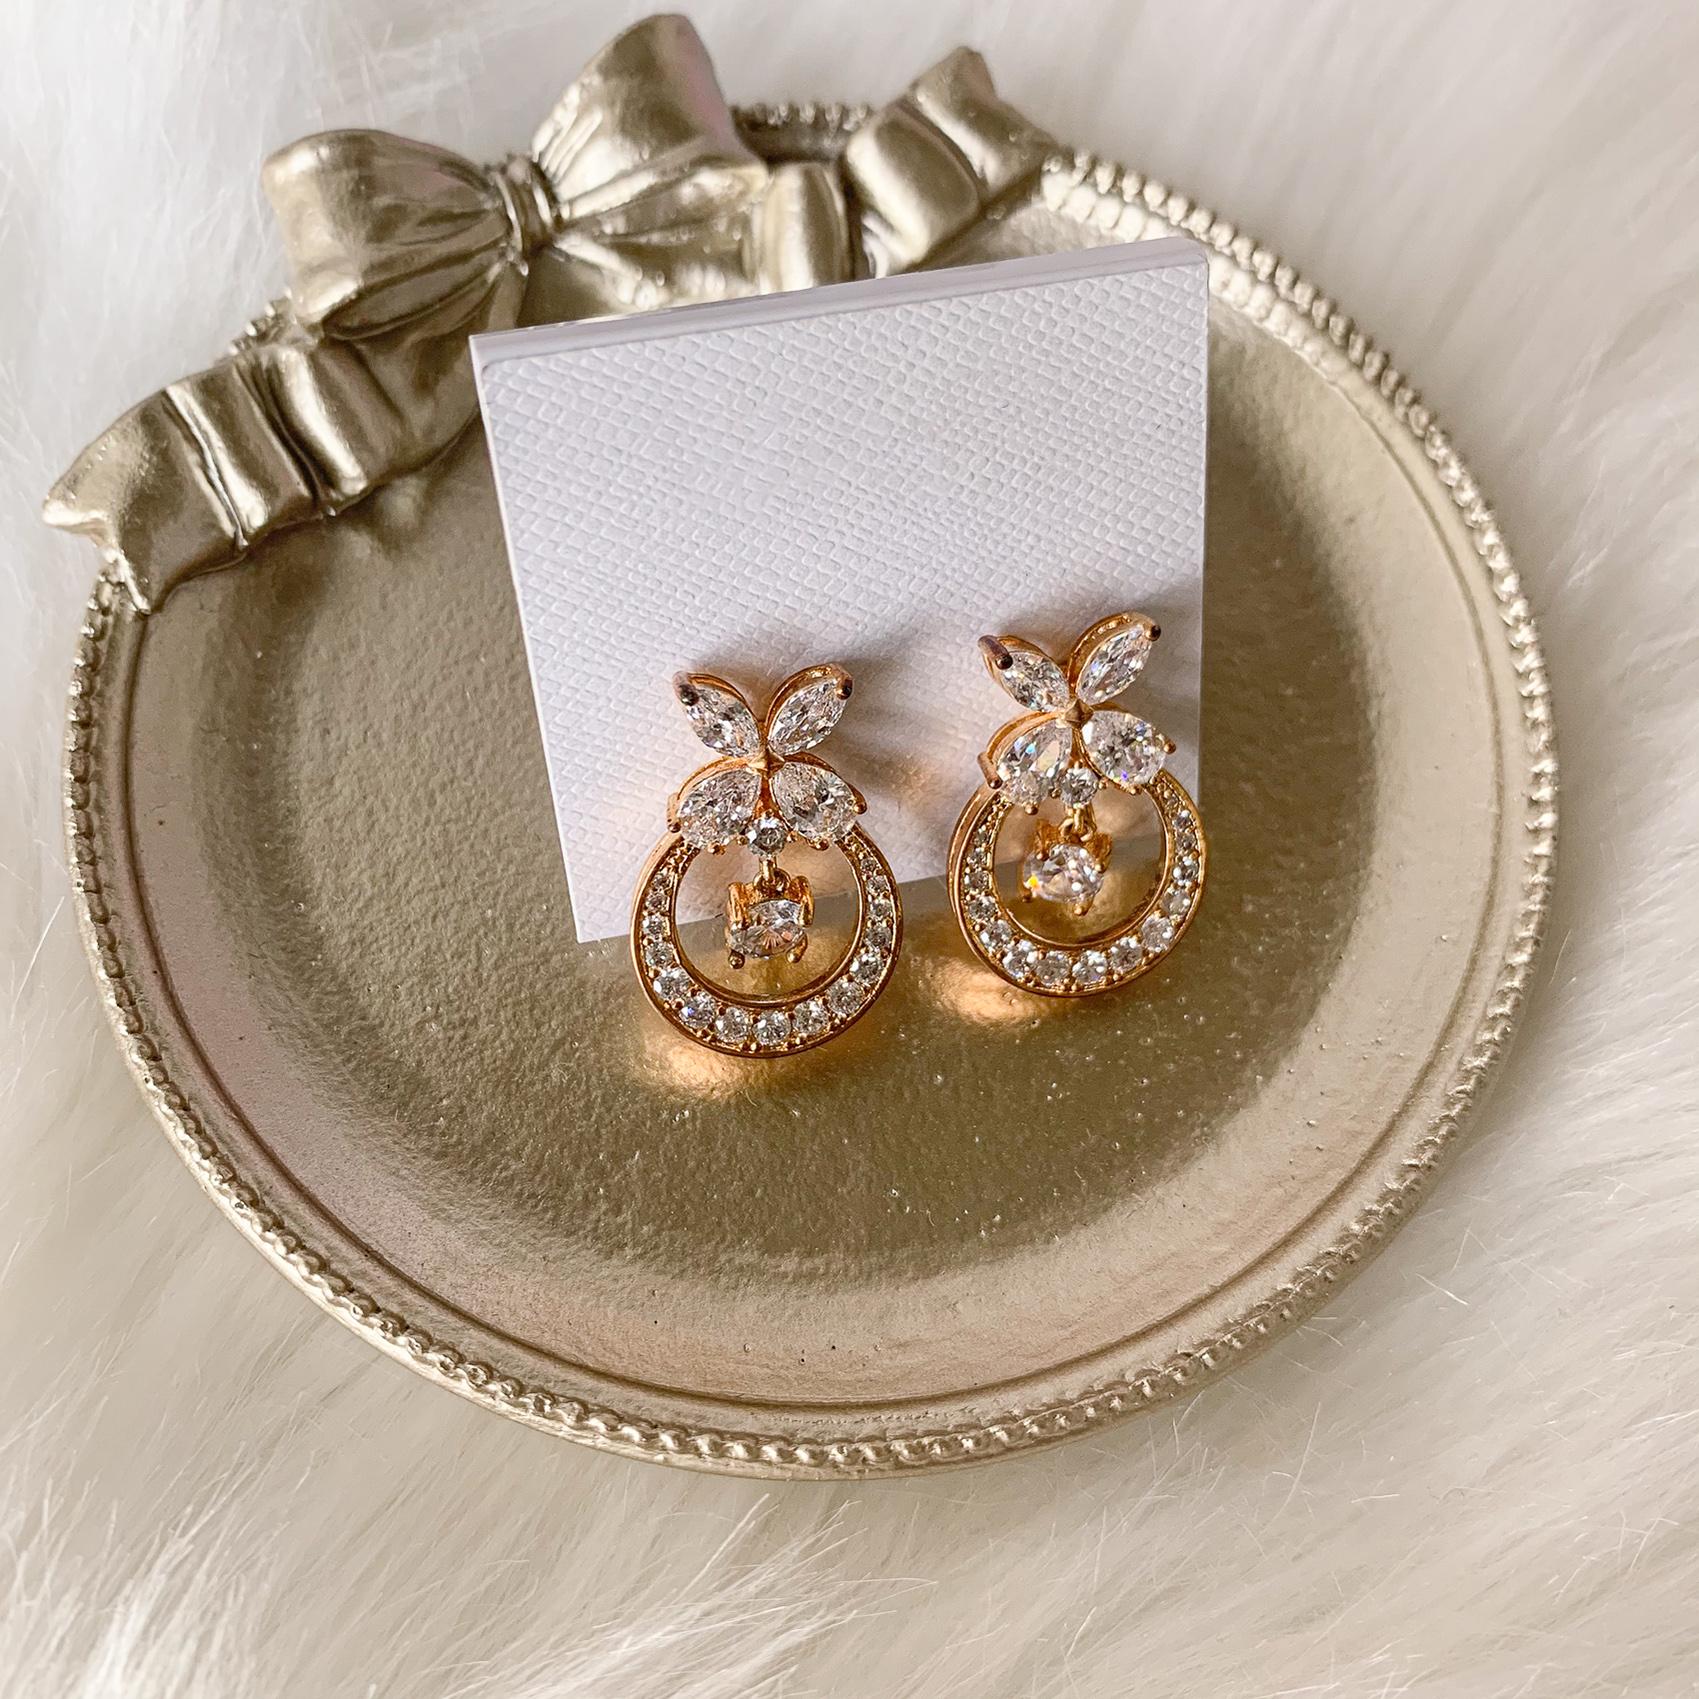 新娘飾品, 新娘耳環, 小耳環